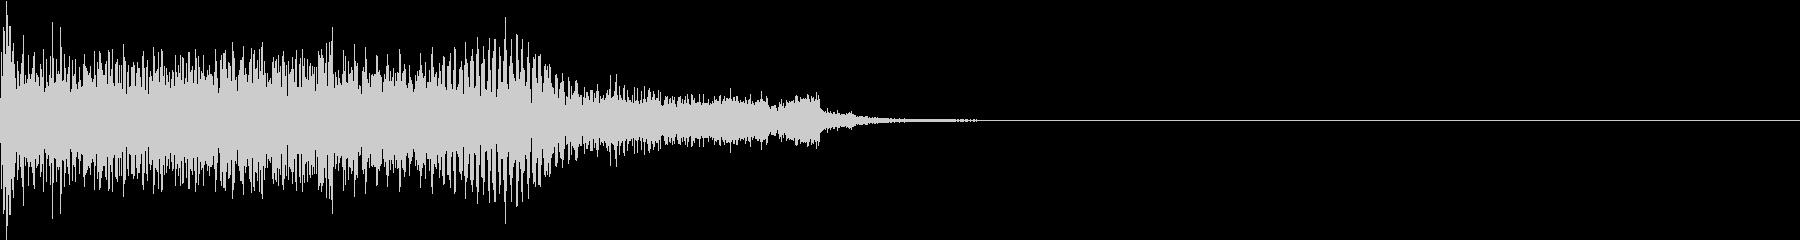 衝撃 ギター インパクト ノイズ 14の未再生の波形